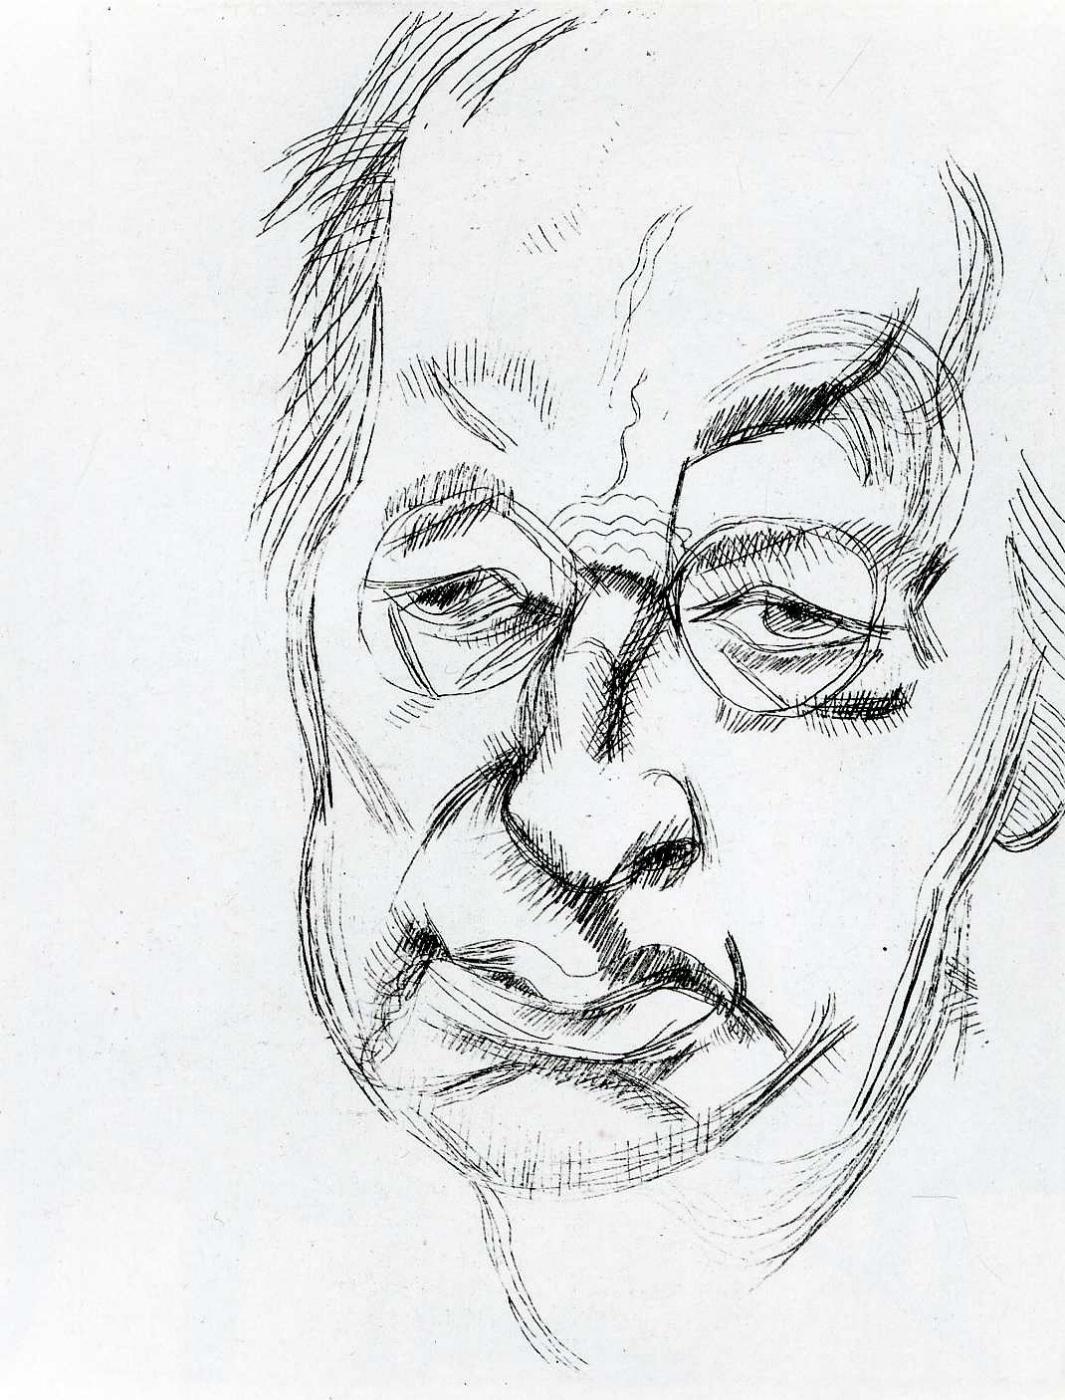 Люсьен Фрейд. Портрет угрюмого мужчины